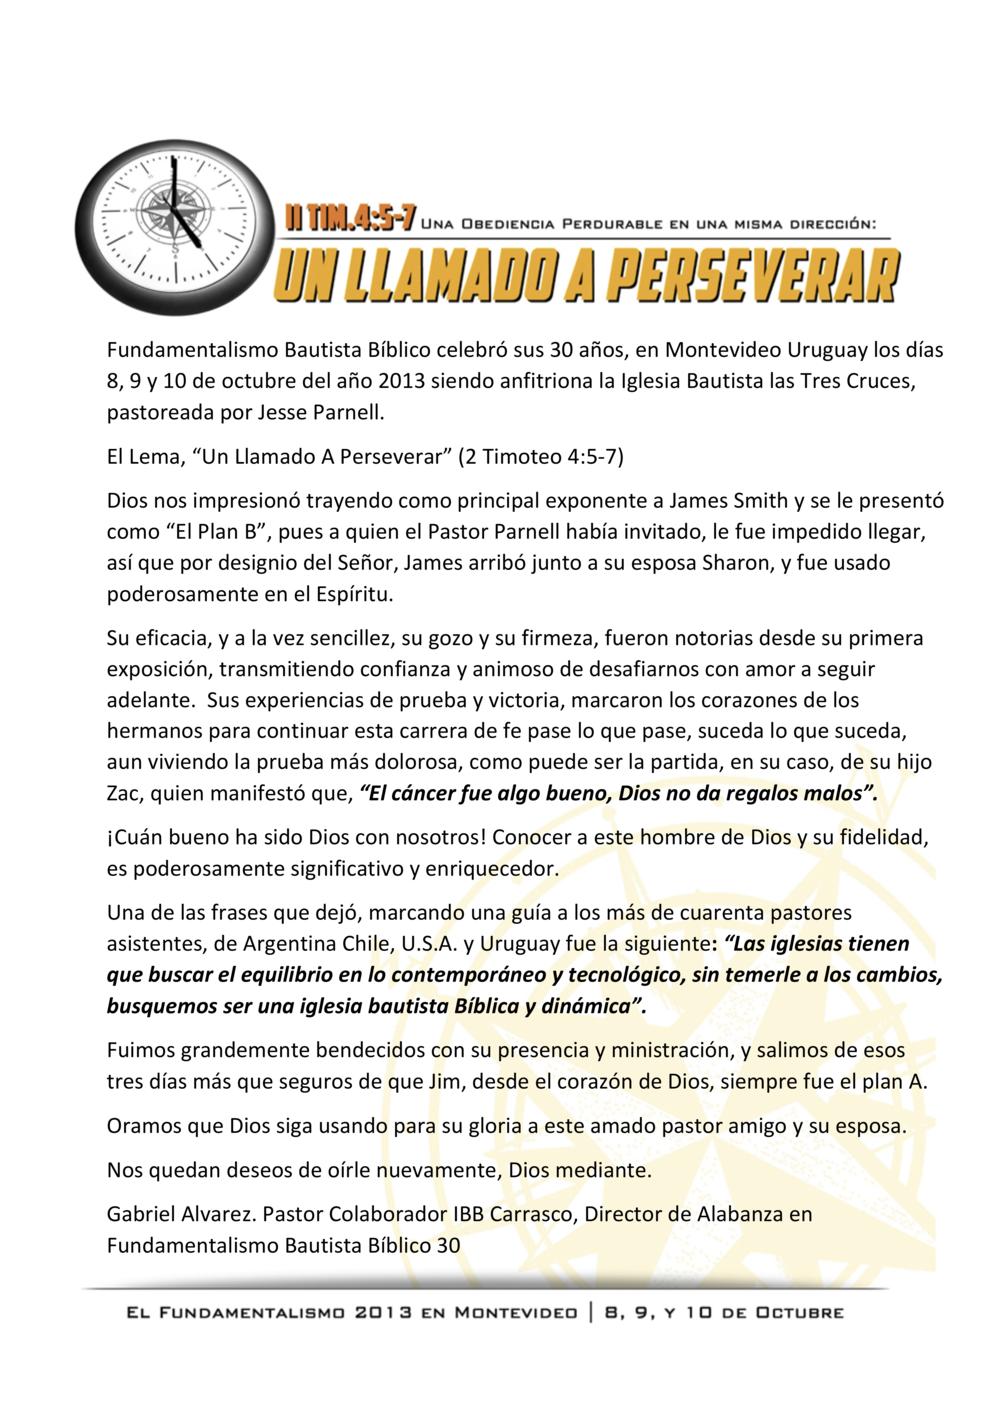 Reseña-Fundamentalismo-30 (2) copy.png